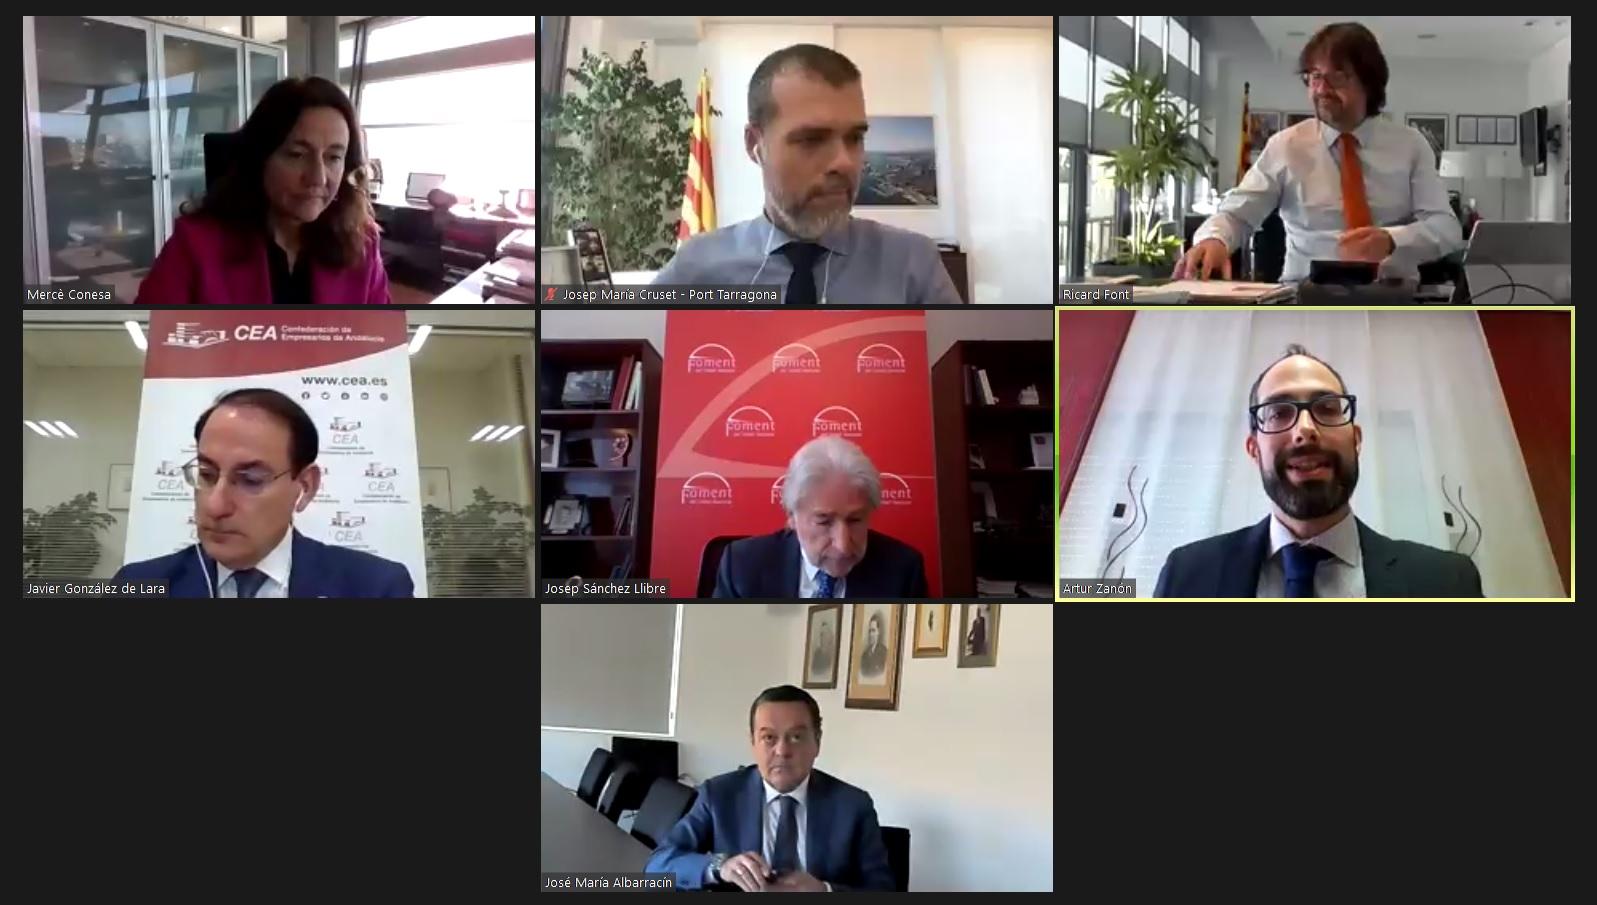 El presidente del Puerto de Tarragona defiende el impulso del transporte intermodal en el VII Encuentro del Corredor del Mediterráneo